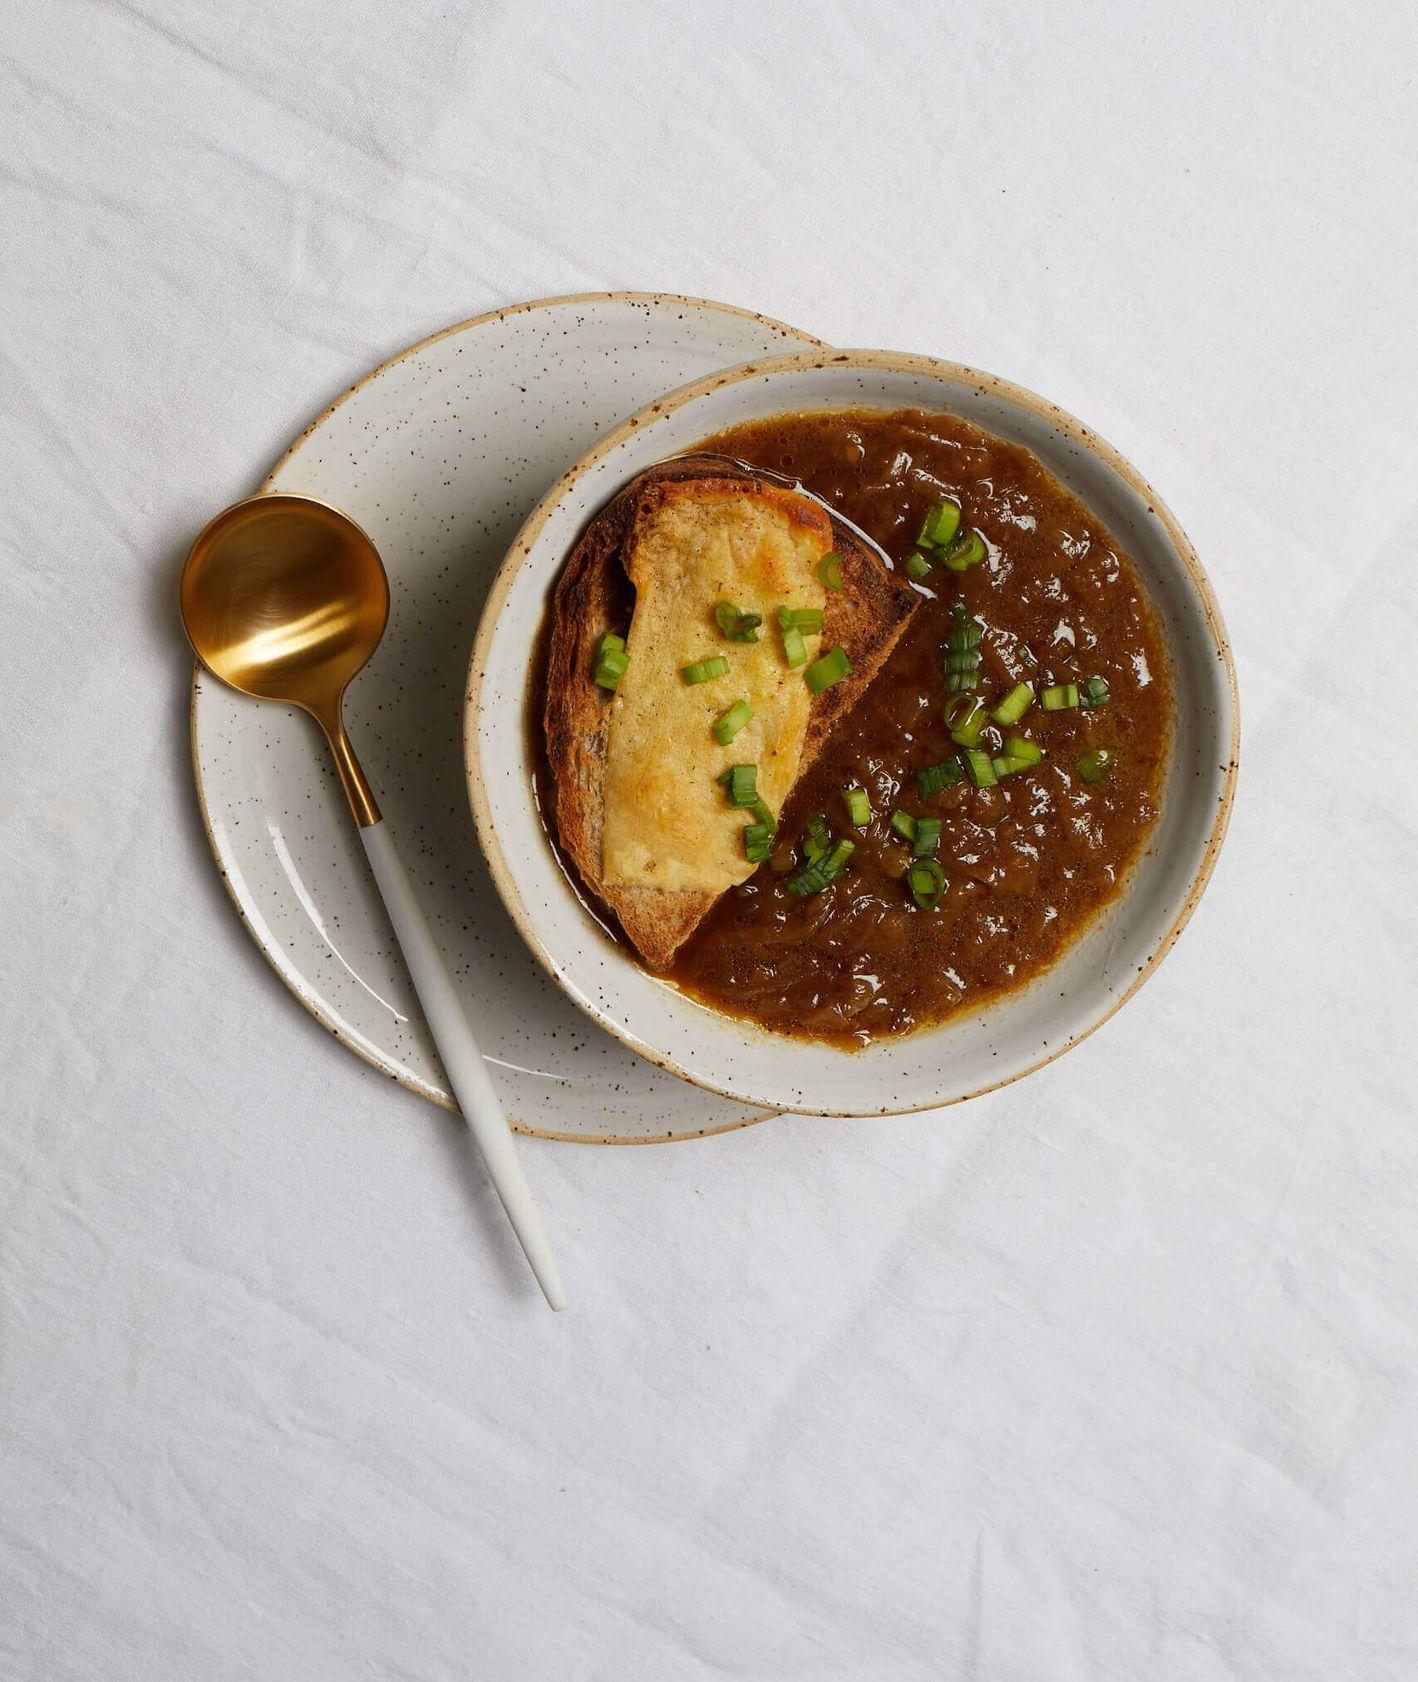 francuska zupa cebulowa, zupa cebulowa, grzanka z serem, co do zupy, dodatki do zupy, kuchnia francuska